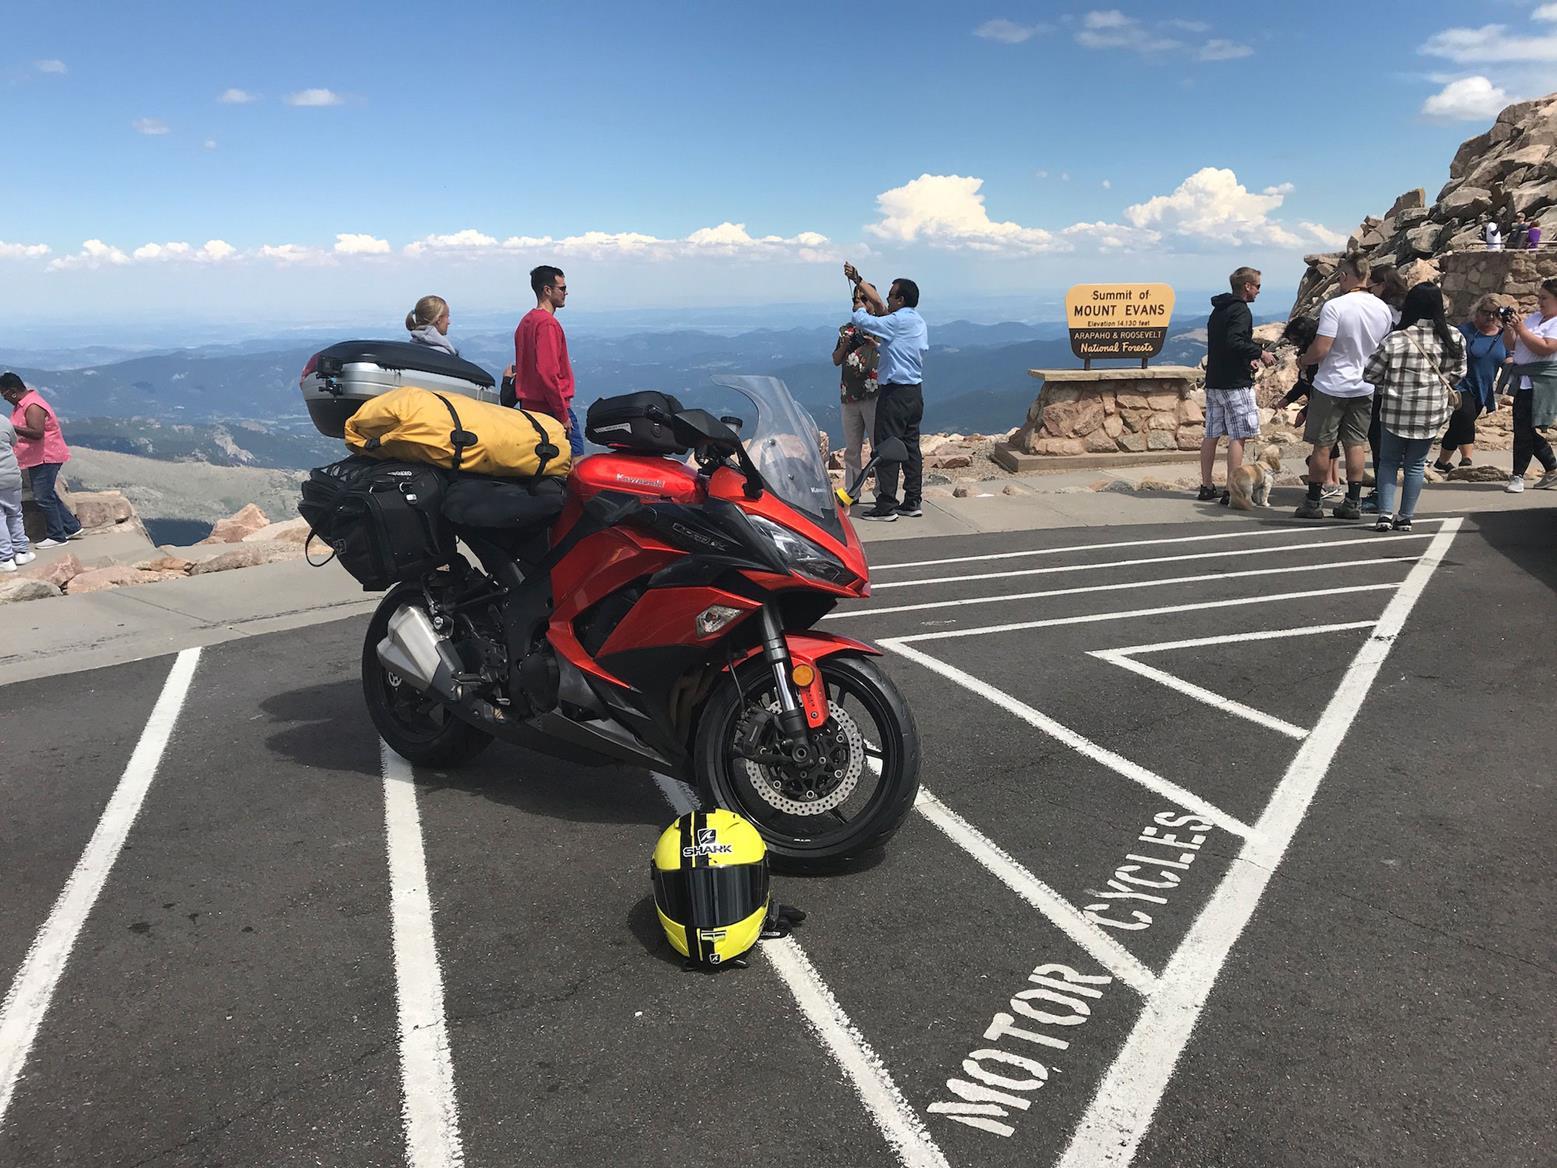 Simon's Kawasaki Z1000SX at Mount Evans